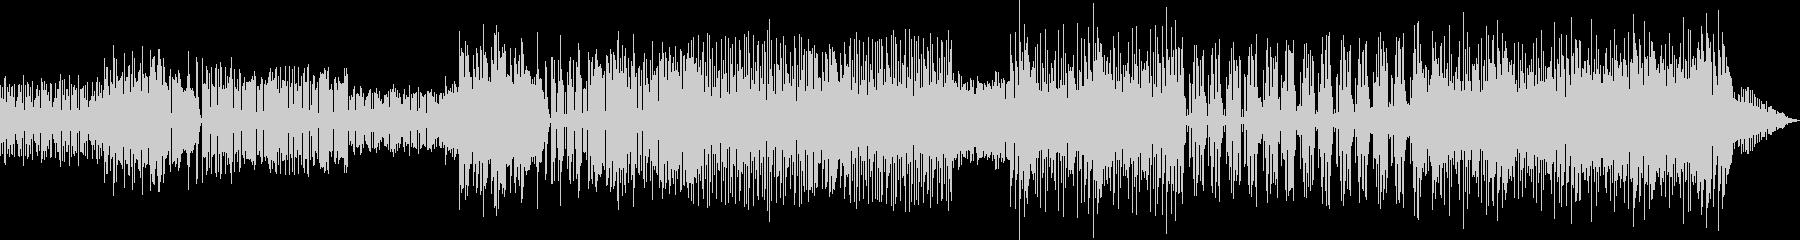 チップチューン風インストゥルメンタルの未再生の波形